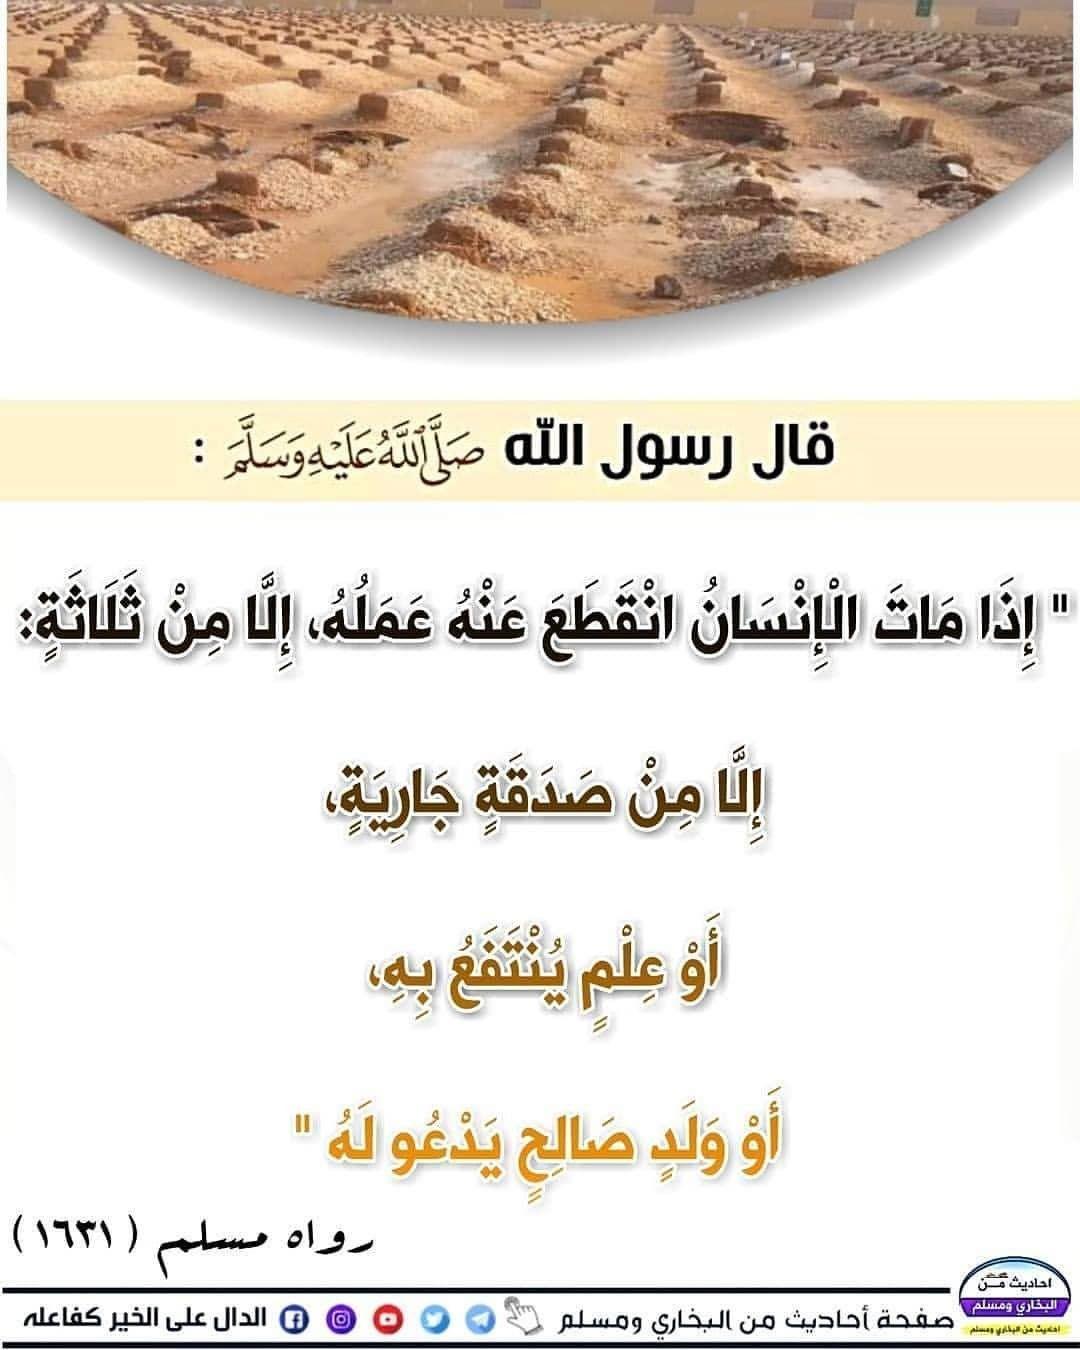 حديث النبي إذا مات الإنسان انقطع عمله إلا من ثلاث Words Body